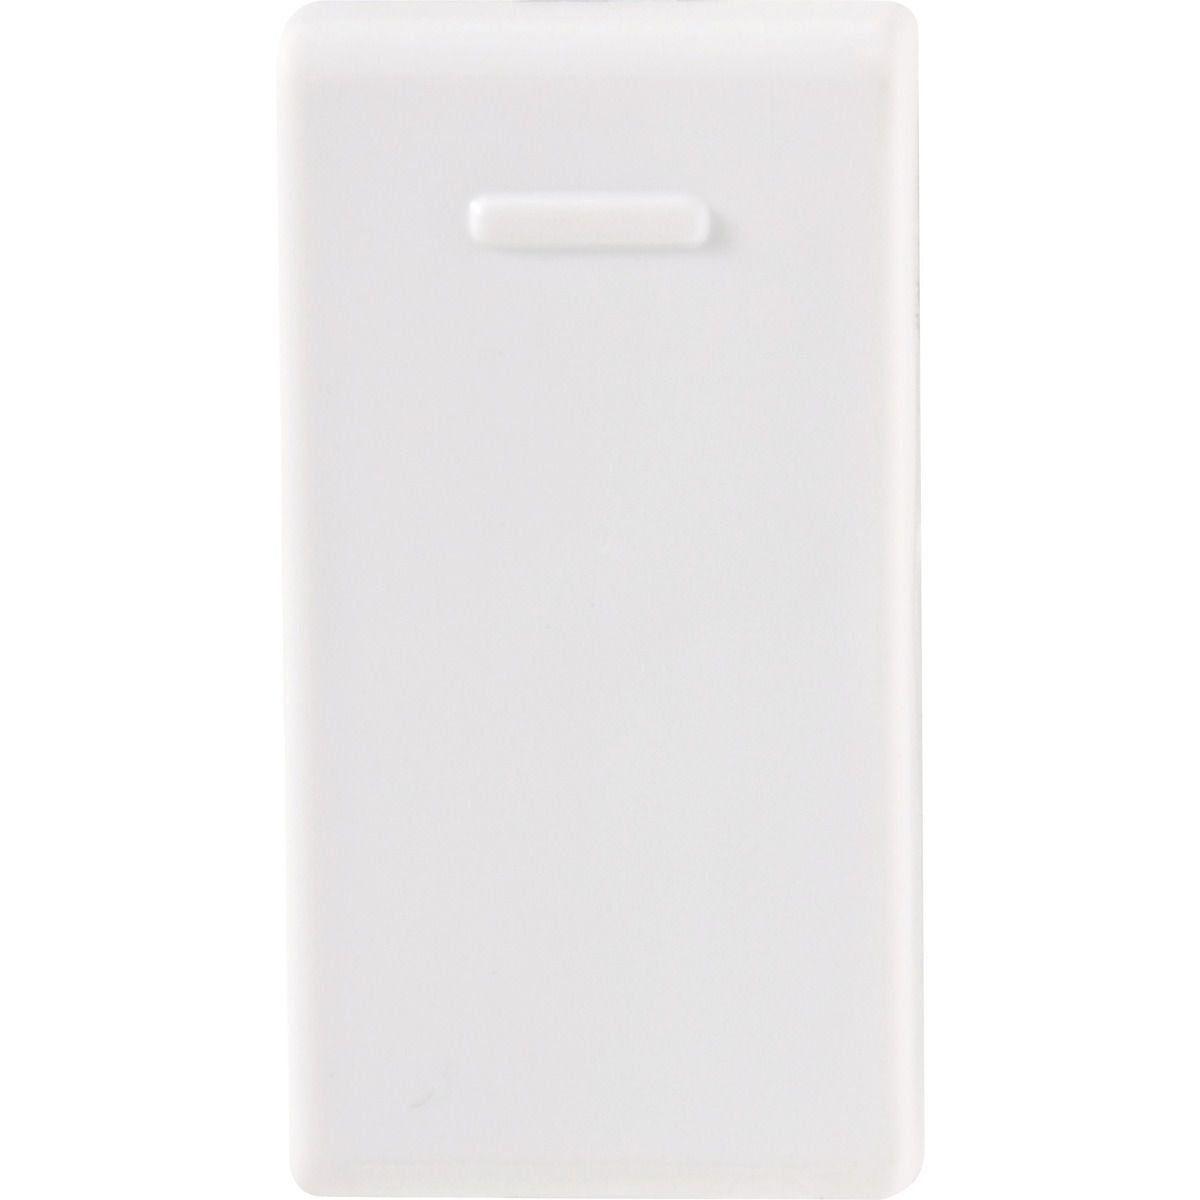 Interruptor Simp 10A/250V 57115/001 Tramontina